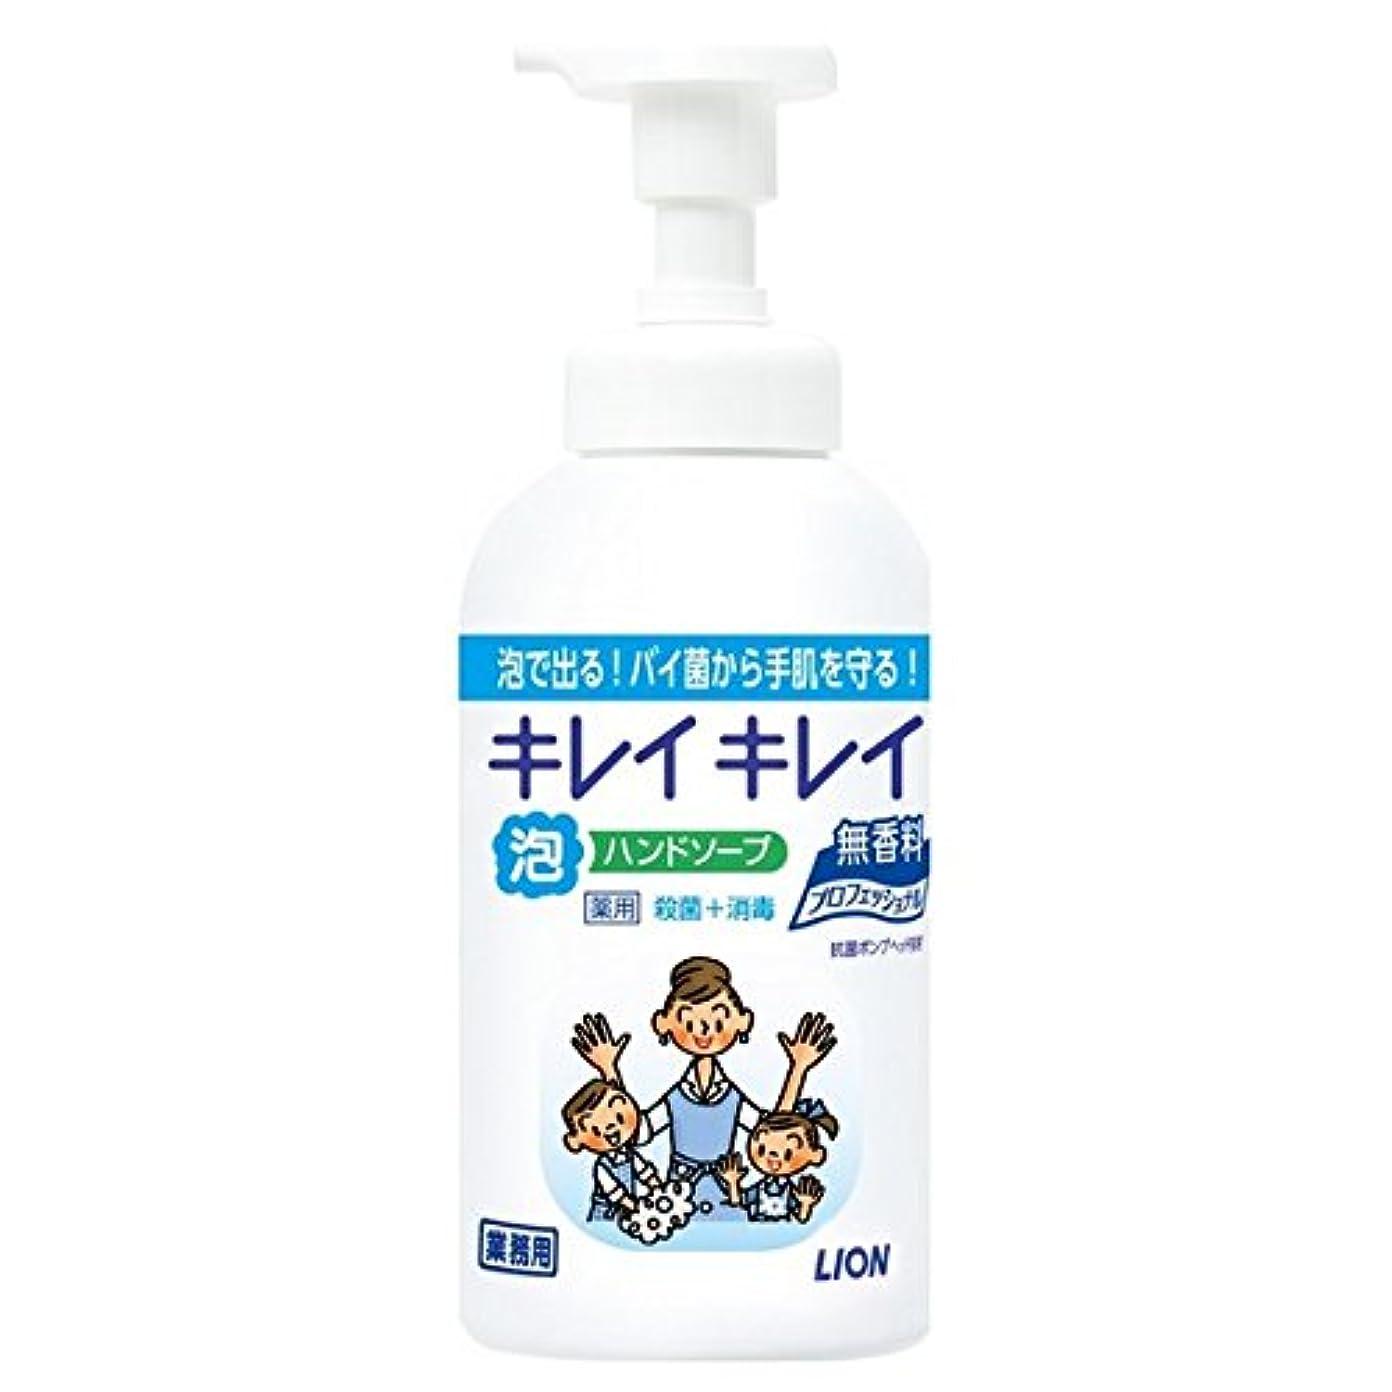 エンドウ歴史キルスライオン キレイキレイ薬用泡ハンドソープ 無香料 550ml×12本入